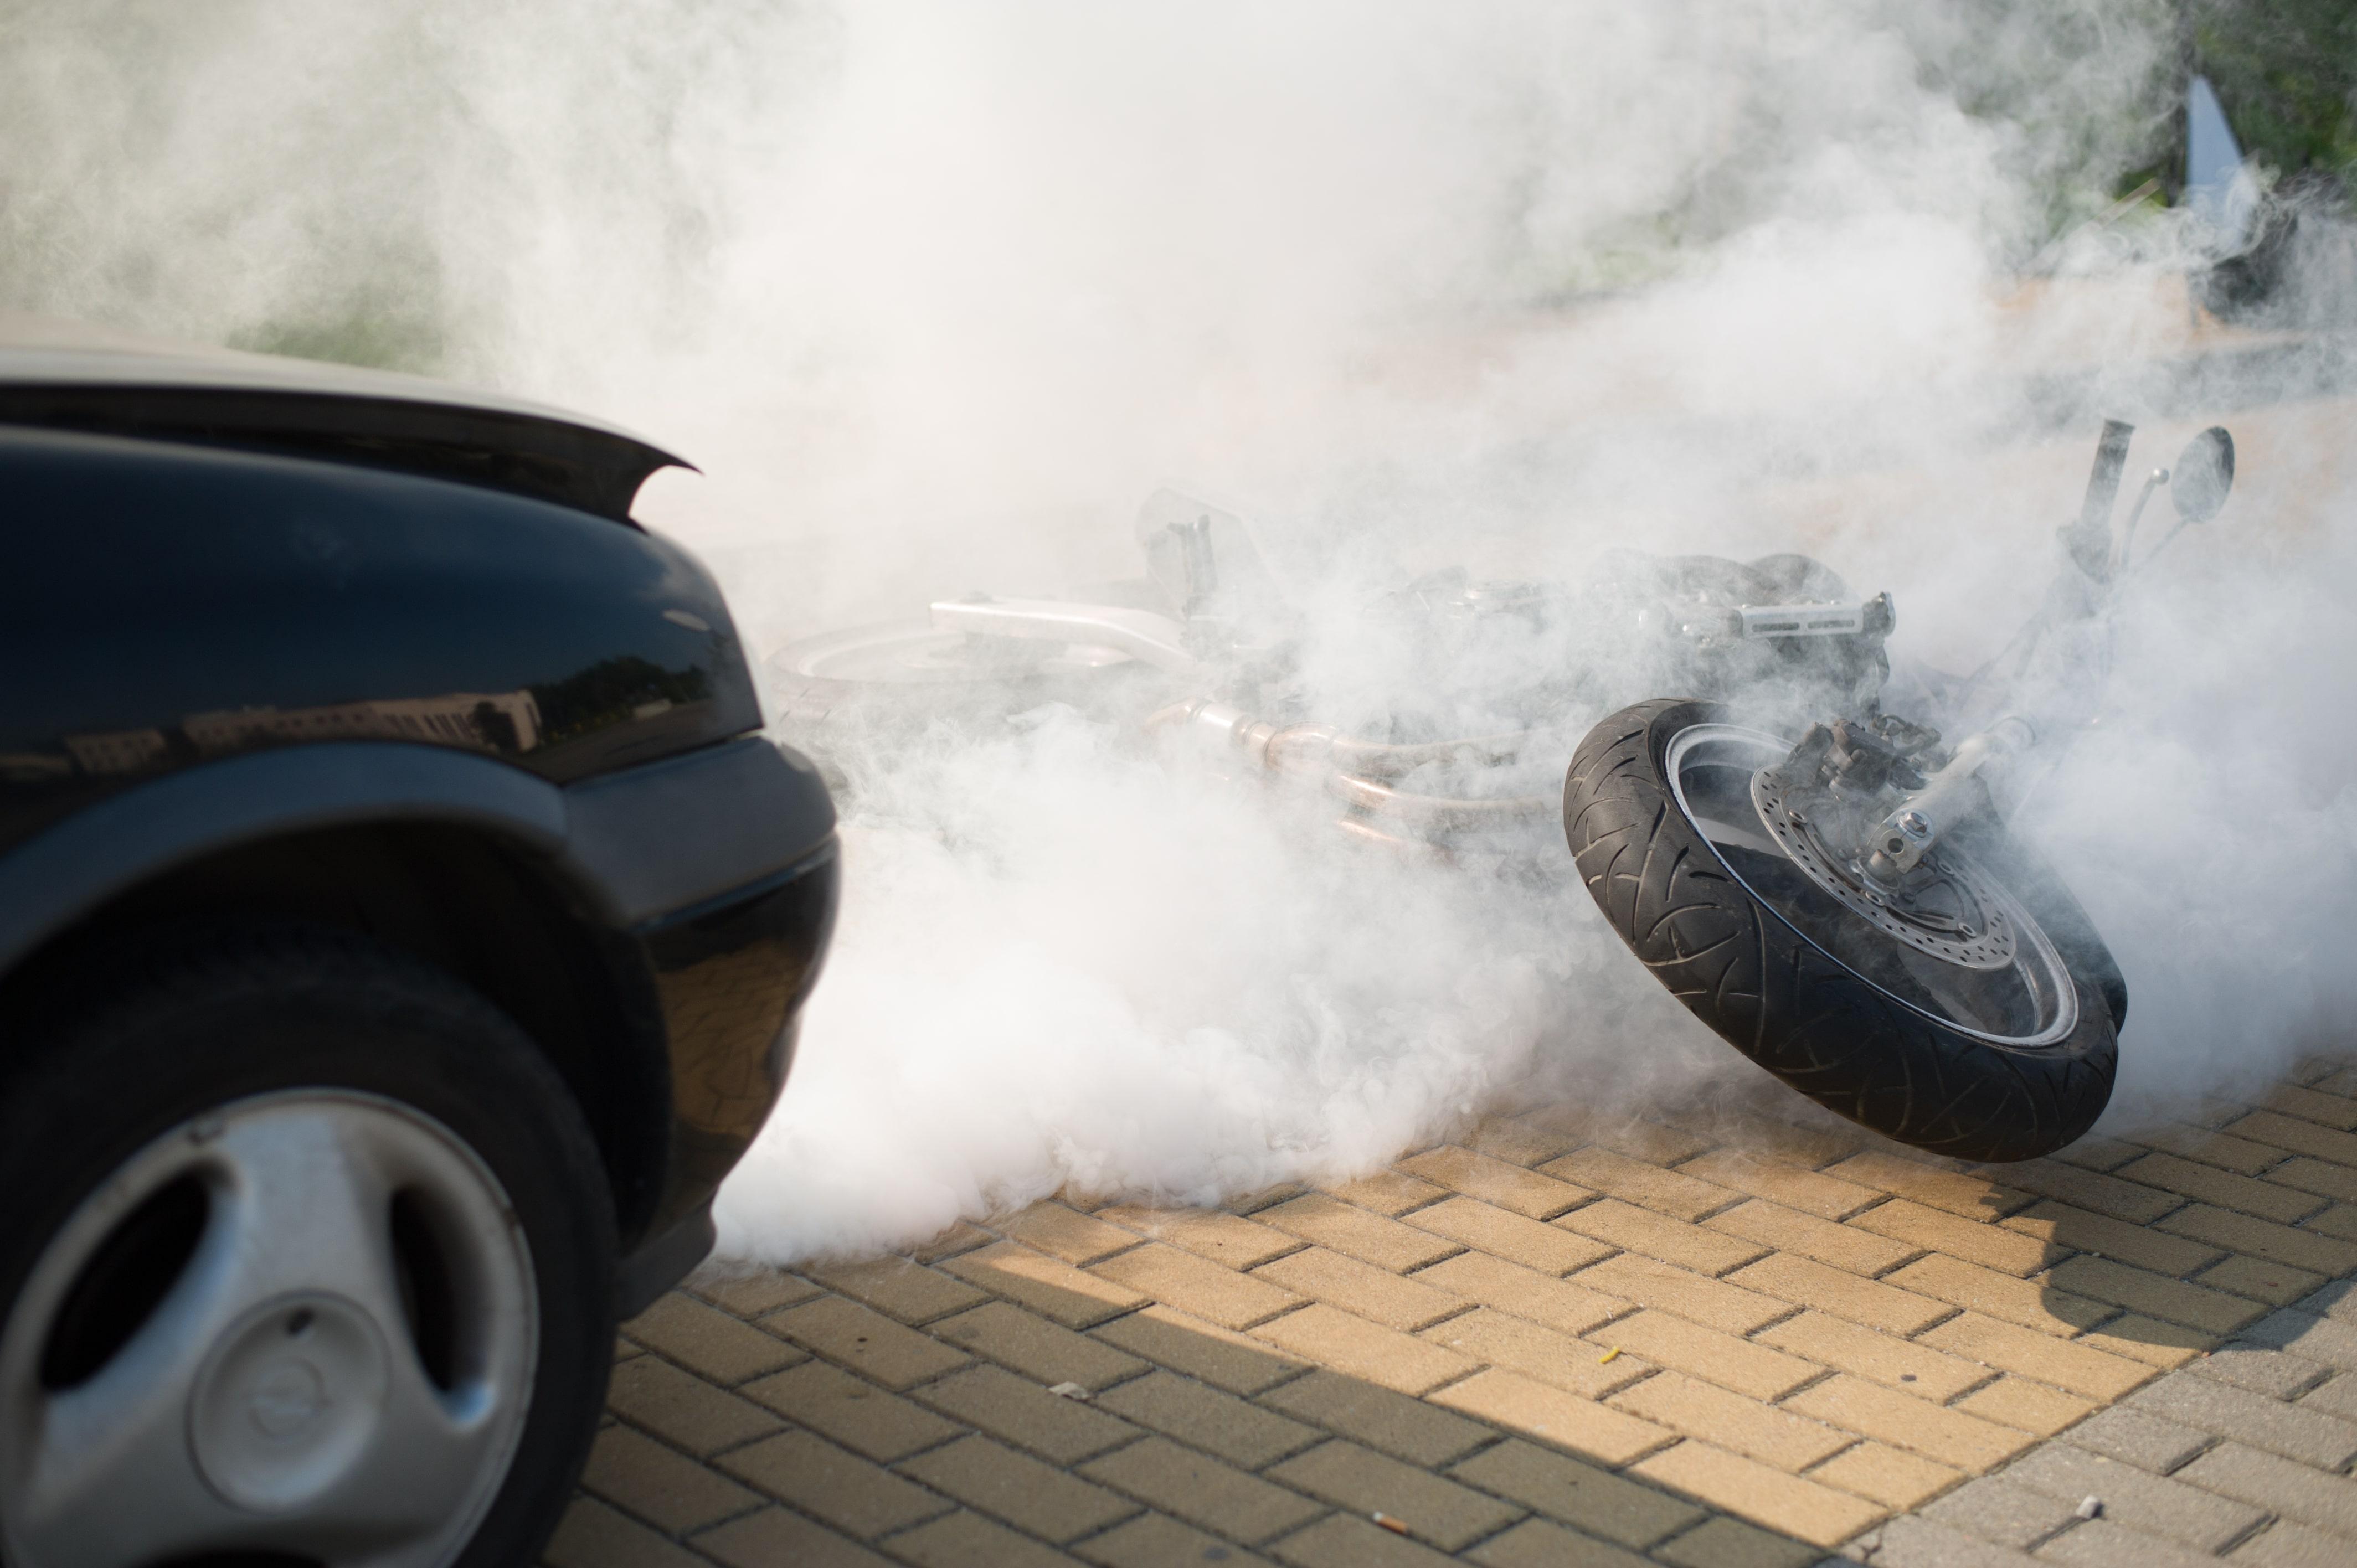 pierwsza pomoc wypadek komunikacyjny, pożar samochodu, wypadek motocyklowy class=